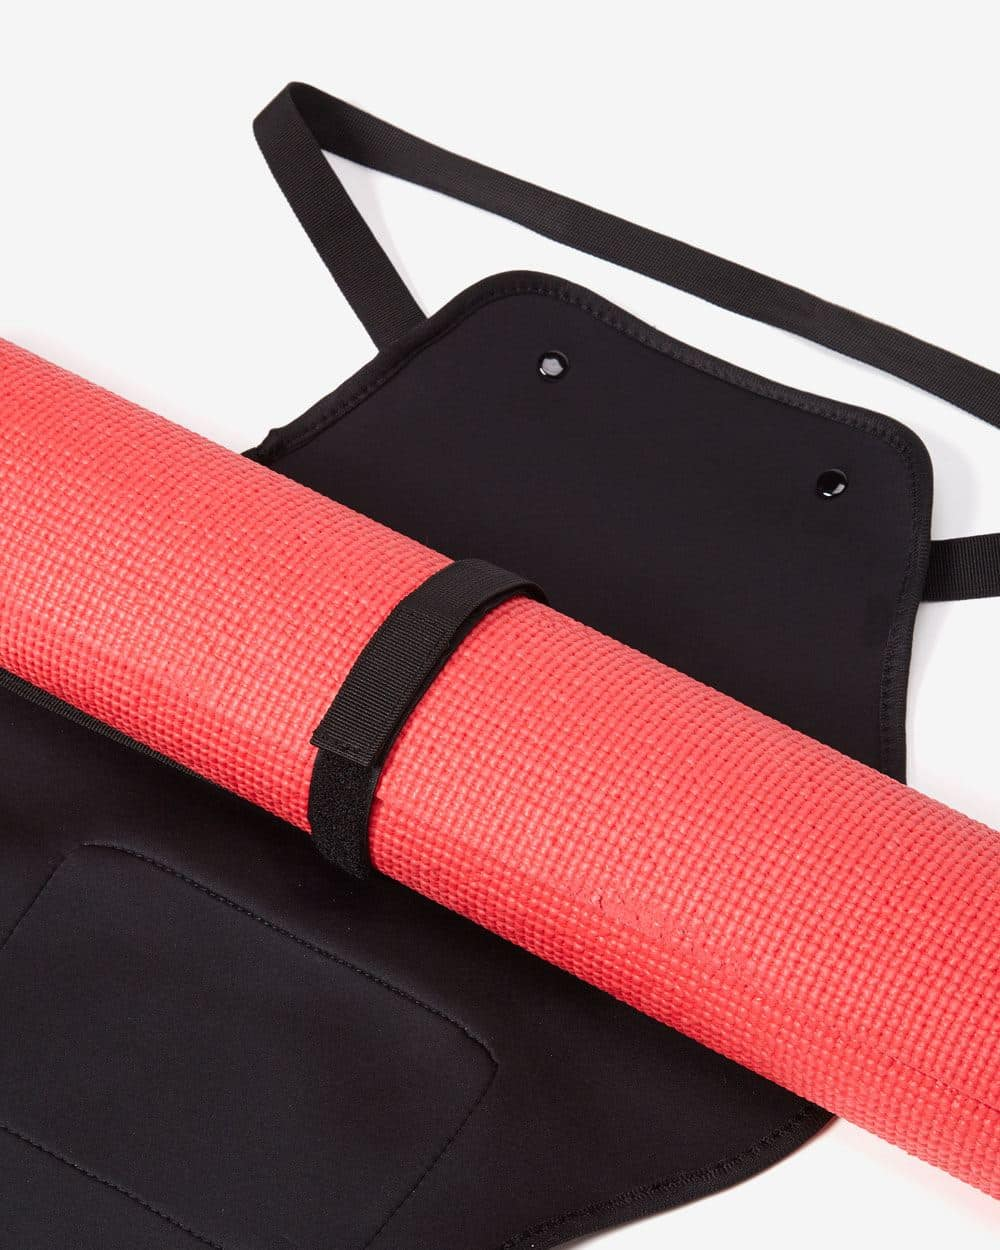 Hyba Yoga Mat Carrier